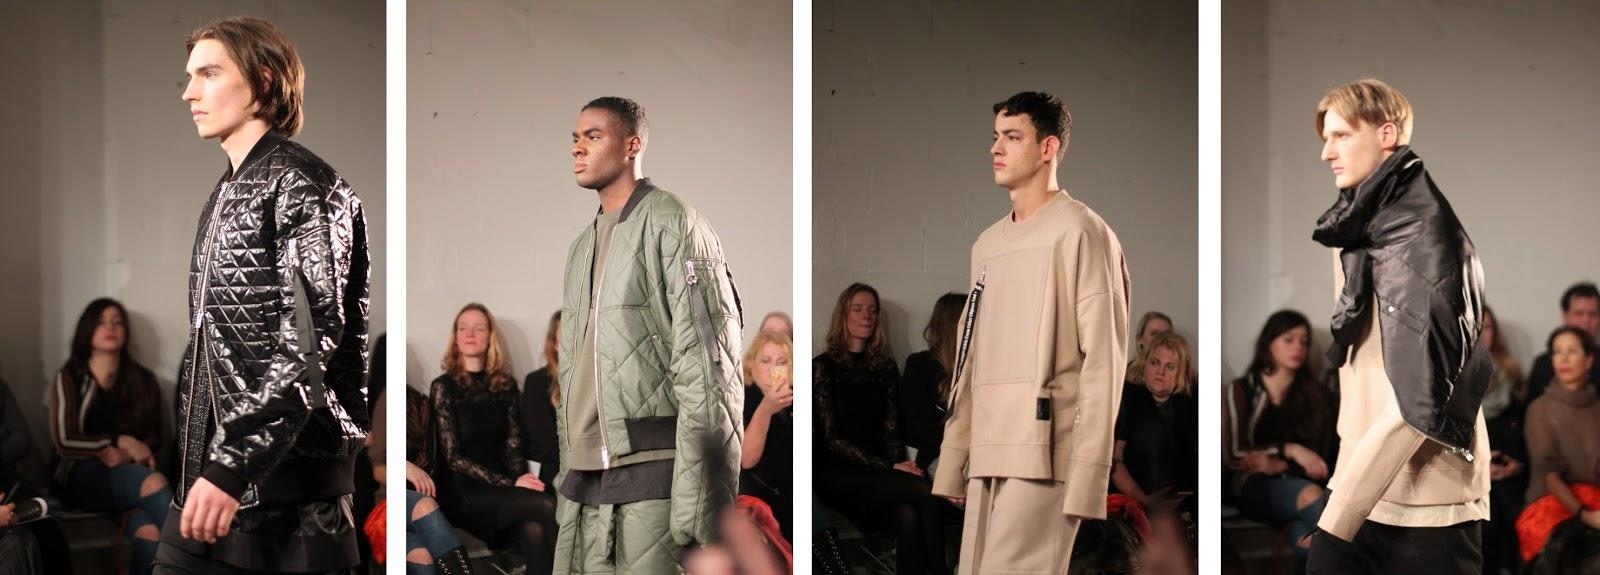 fashion week berlin 2017 männliche designer